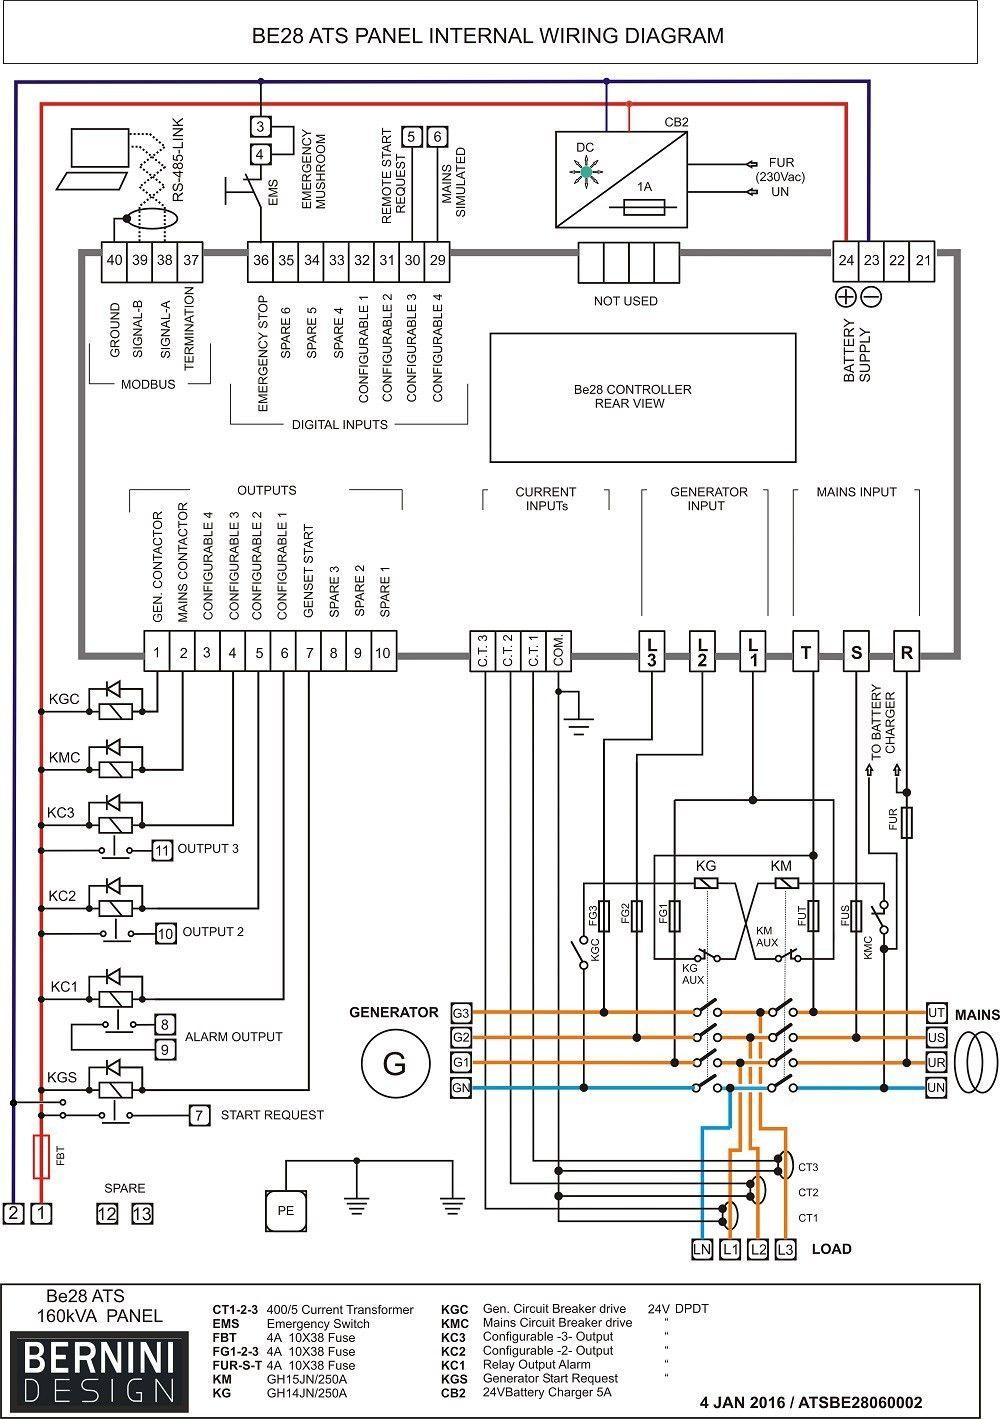 Elegant Taotao Atv Wiring Diagram In 2020 Electrical Panel Wiring Transfer Switch Electrical Panel